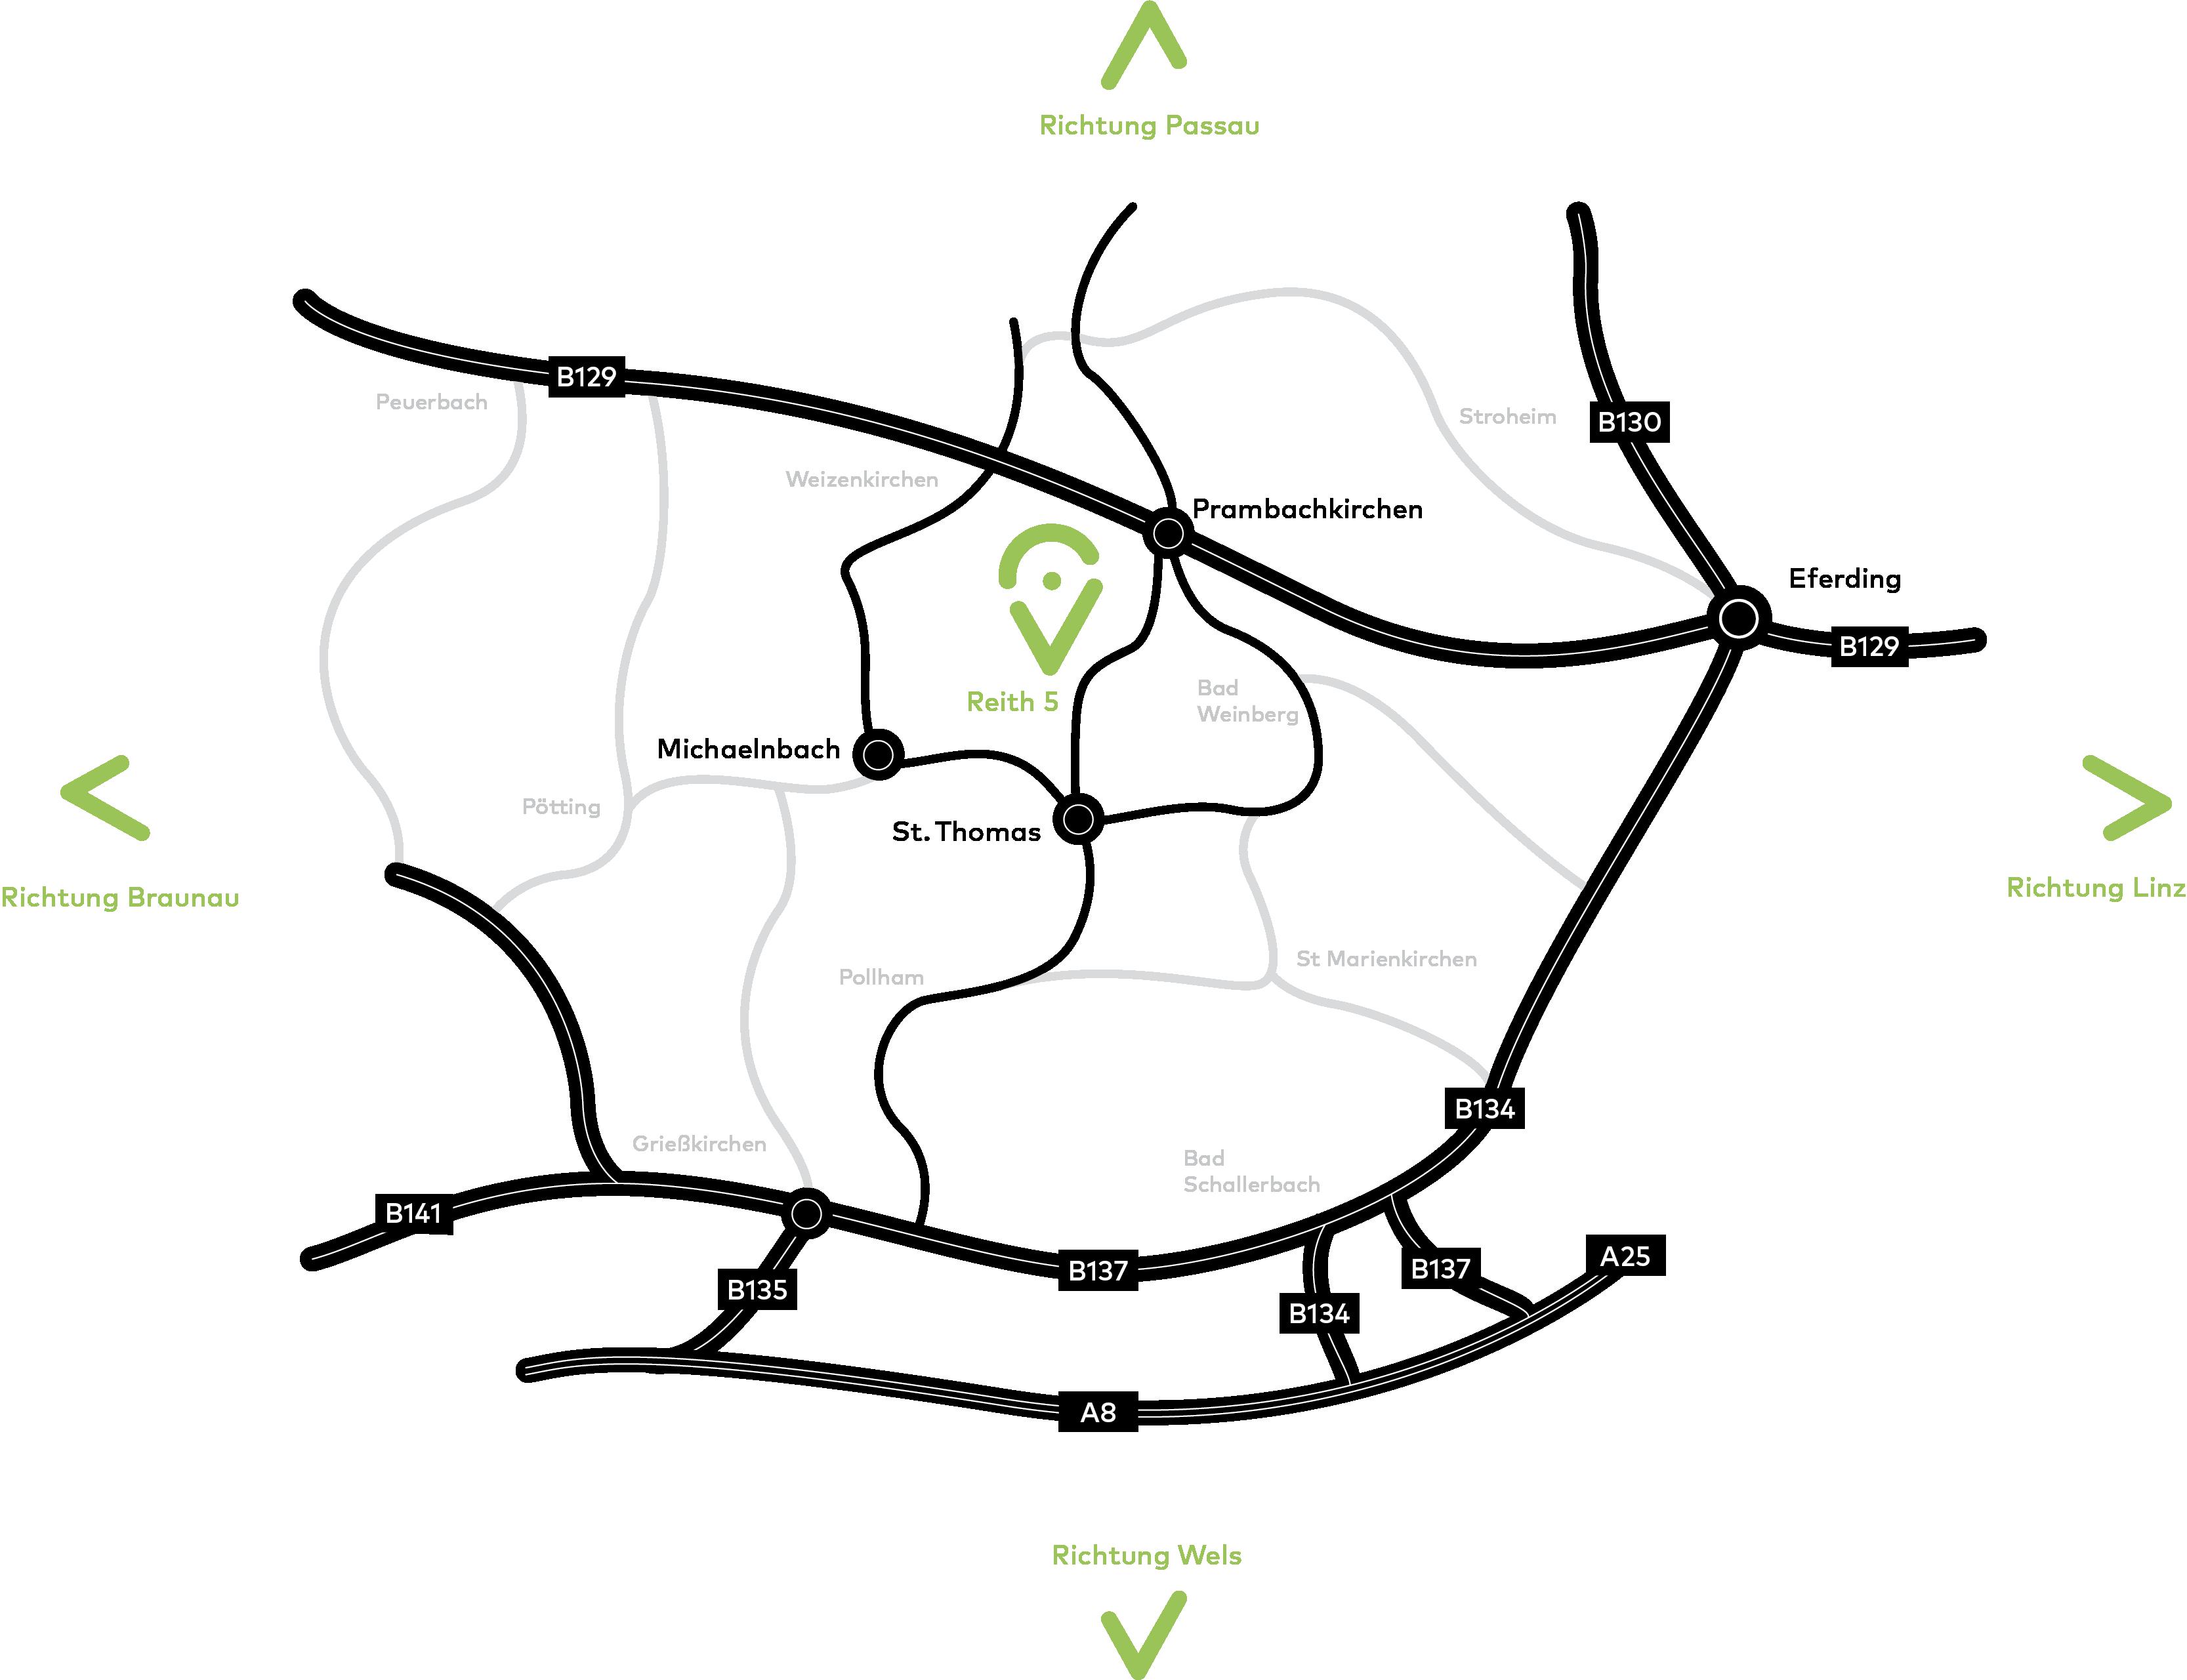 Das Bild zeigt eine Anfahrtskarte zum Hof mit verschiedenen Wegen aus verschiedenen Richtungen.